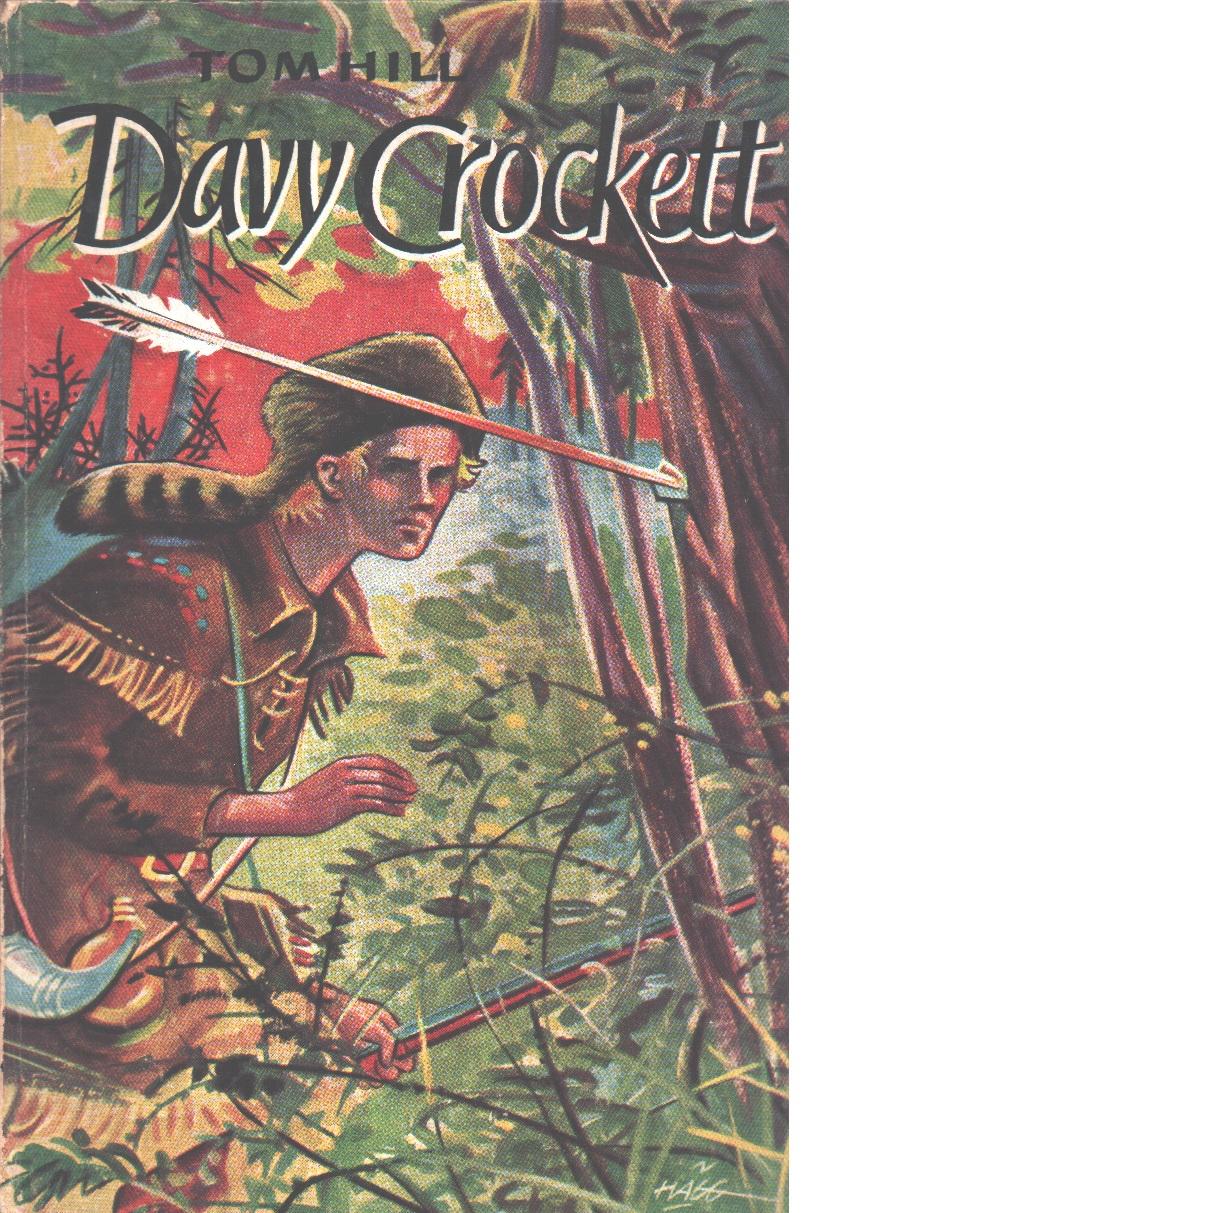 Davy Crockett. - Hill, Tom